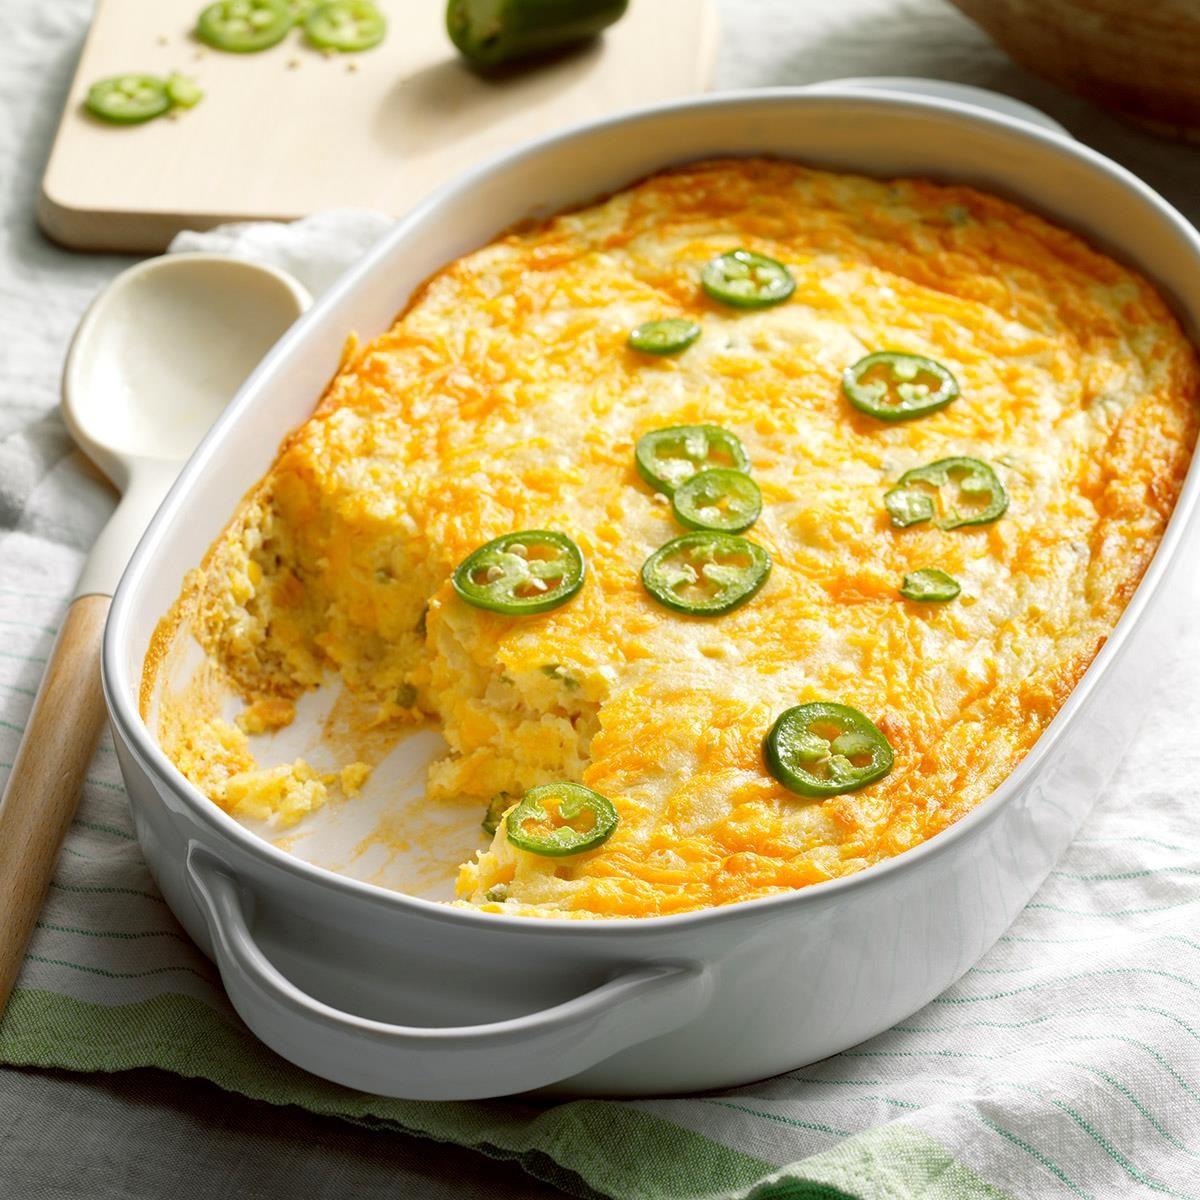 Cheesy Corn Spoon Bread Recipe | Taste of Home